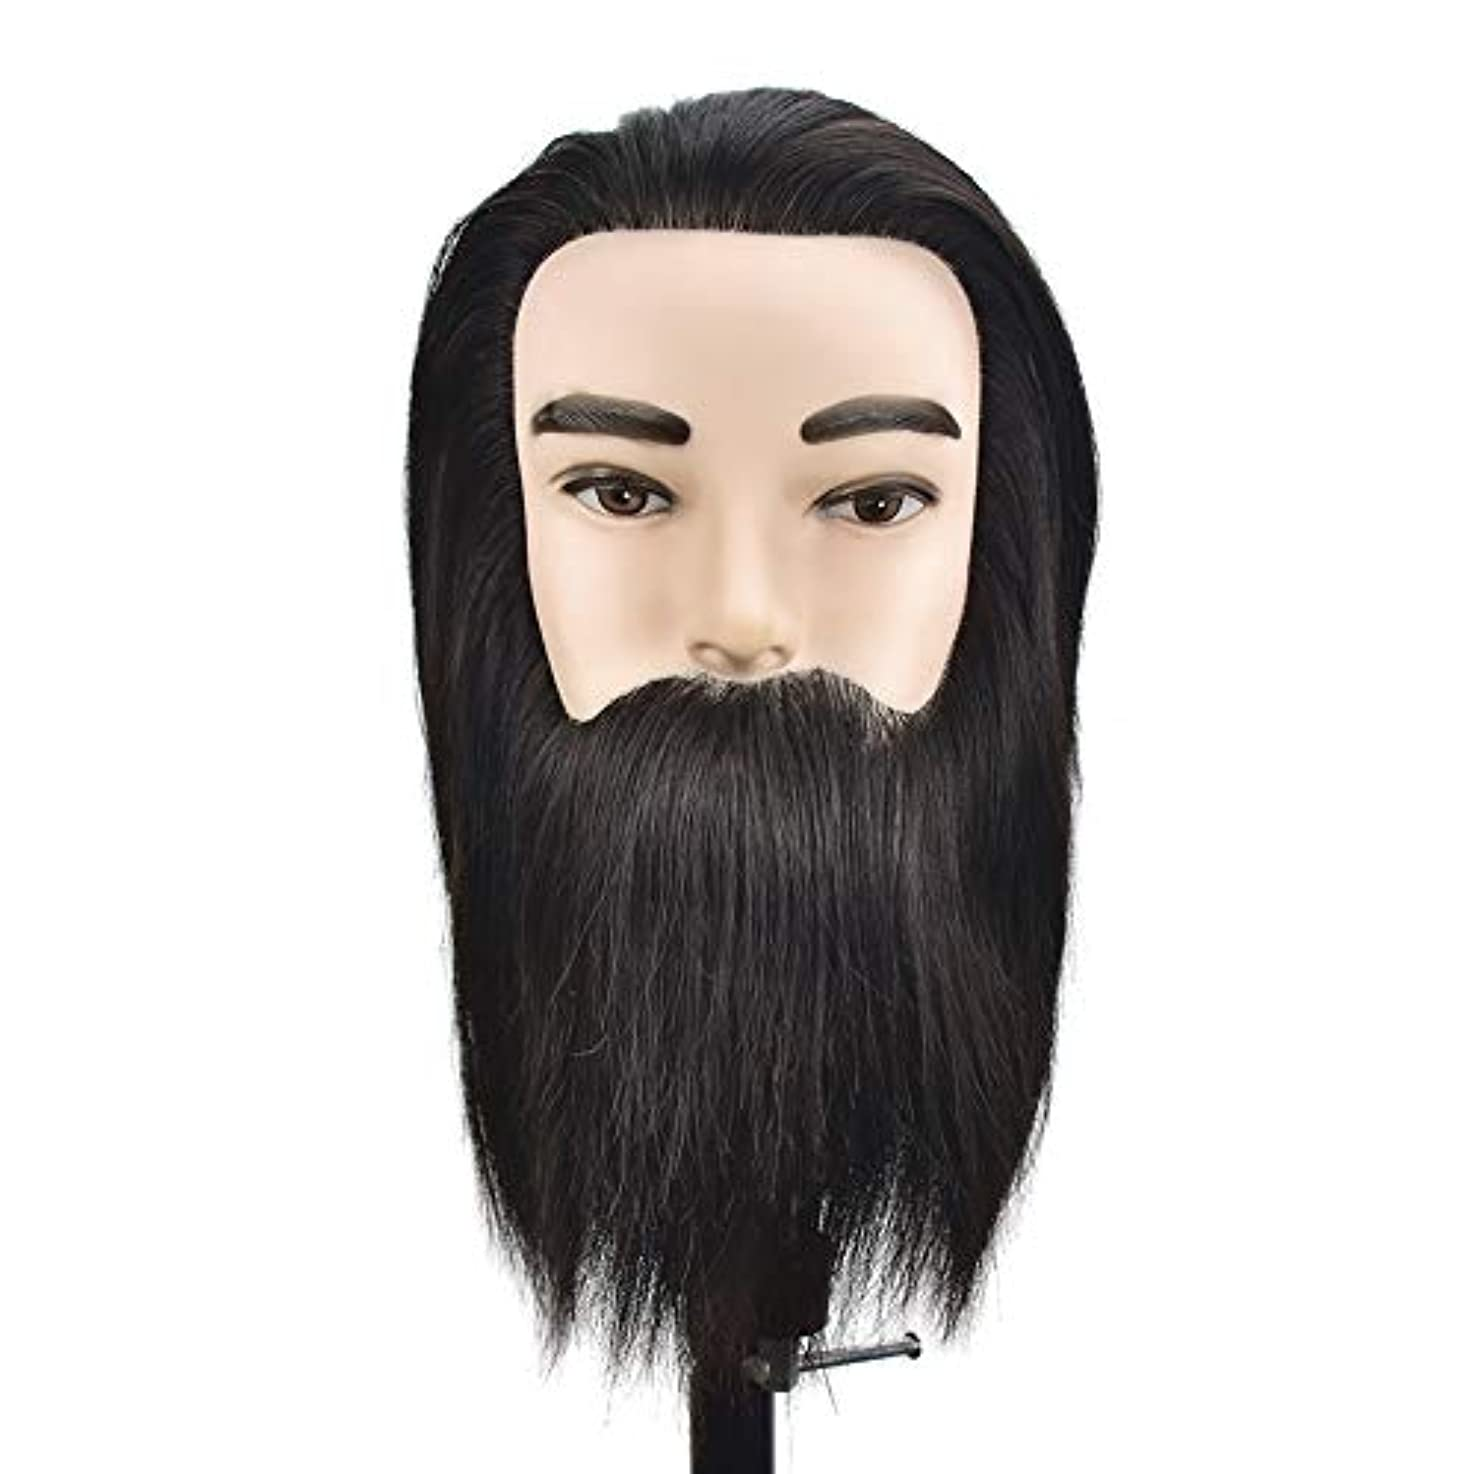 円周横たわる個人的なリアル人間の髪トレーニングヘッドパーマ髪モデル髪染め理髪ダミーヘッドトリミングひげ学習ヘッドモデル